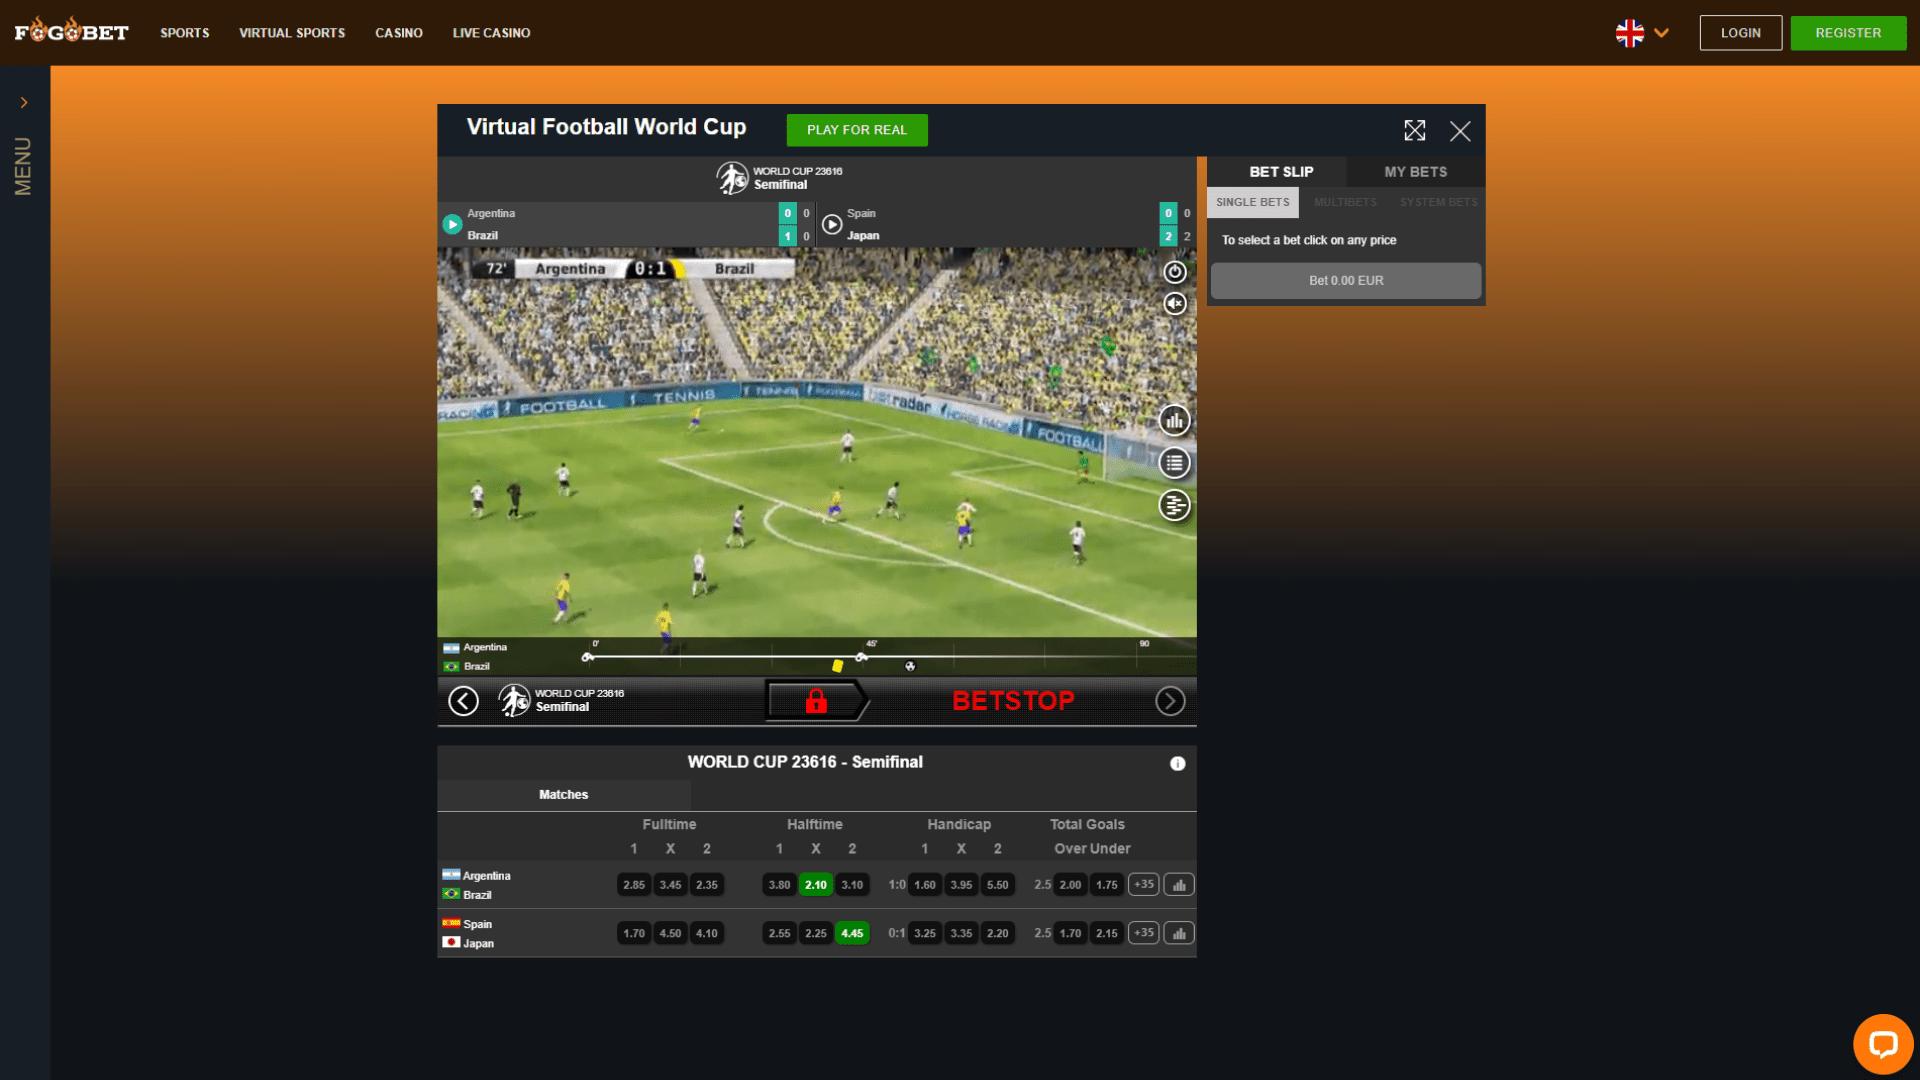 Casino Portugal futebol 396796